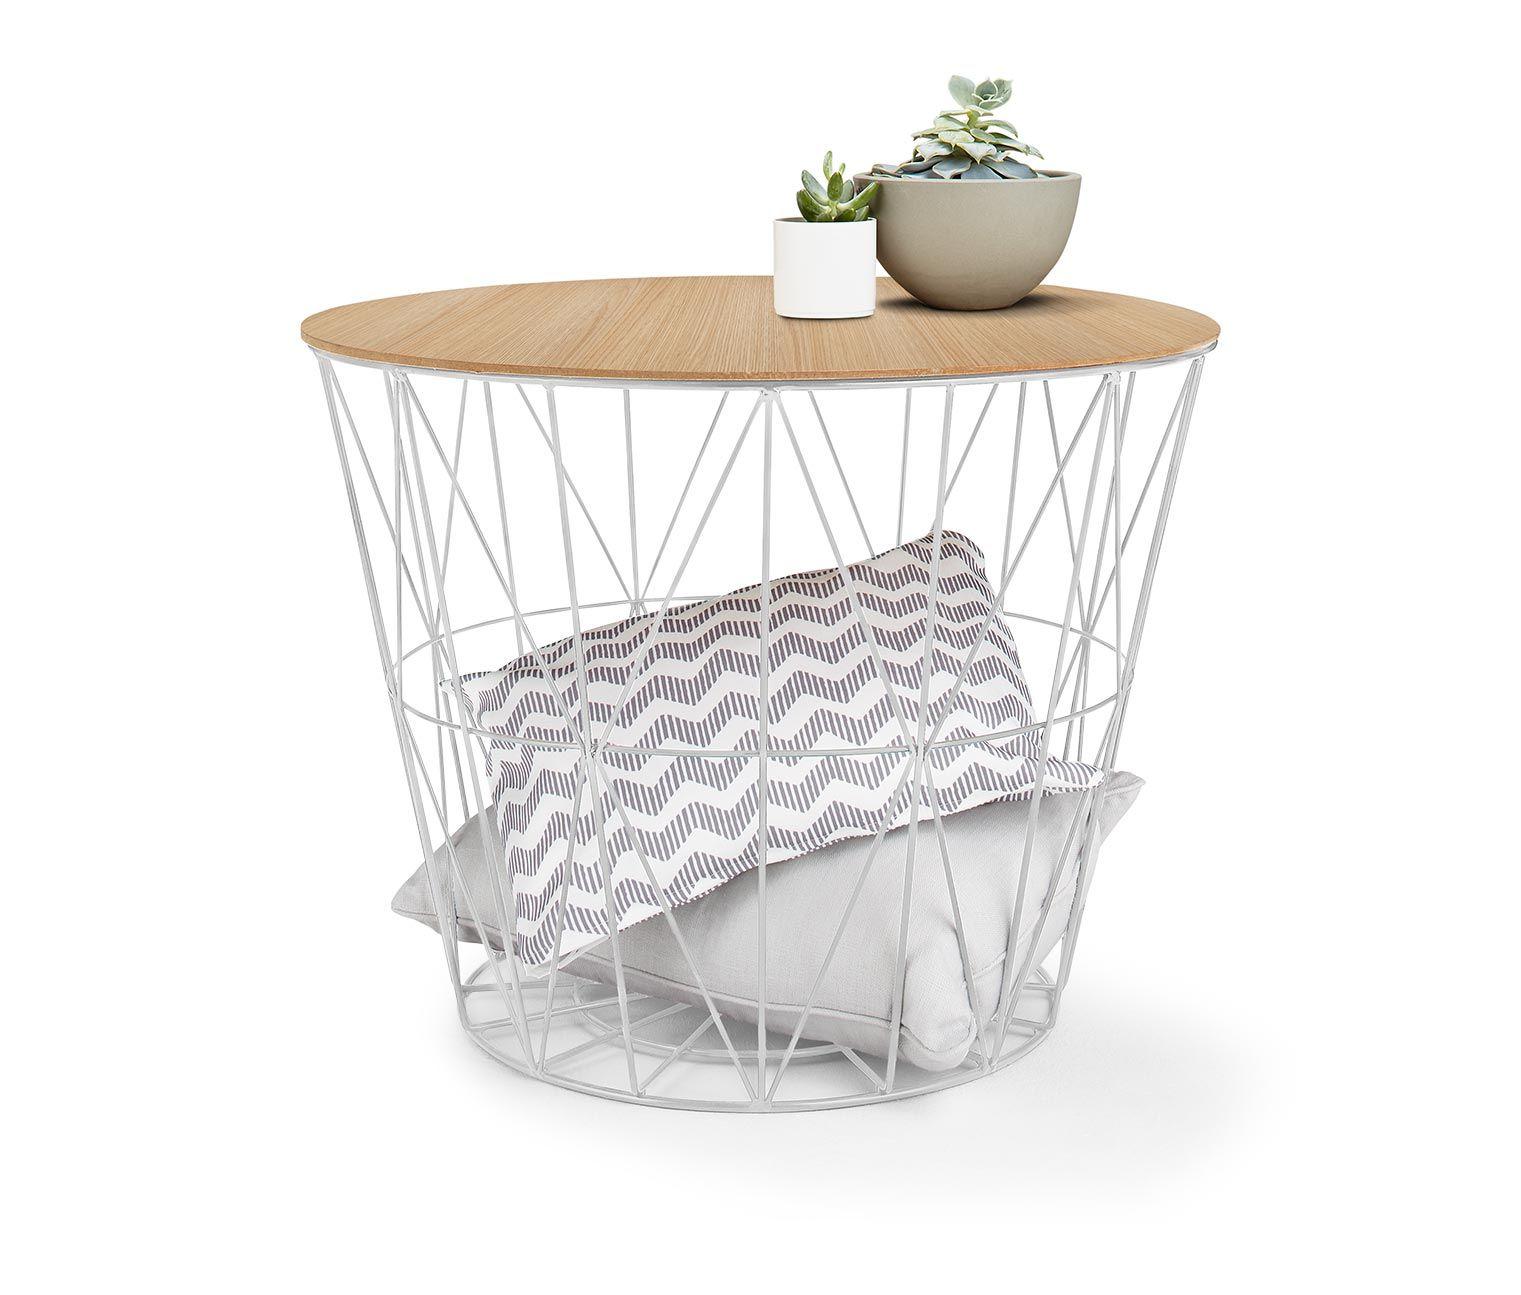 75 tchibo wohnzimmertisch couchtisch bei tchibo beistelltisch weiss rund vario online. Black Bedroom Furniture Sets. Home Design Ideas